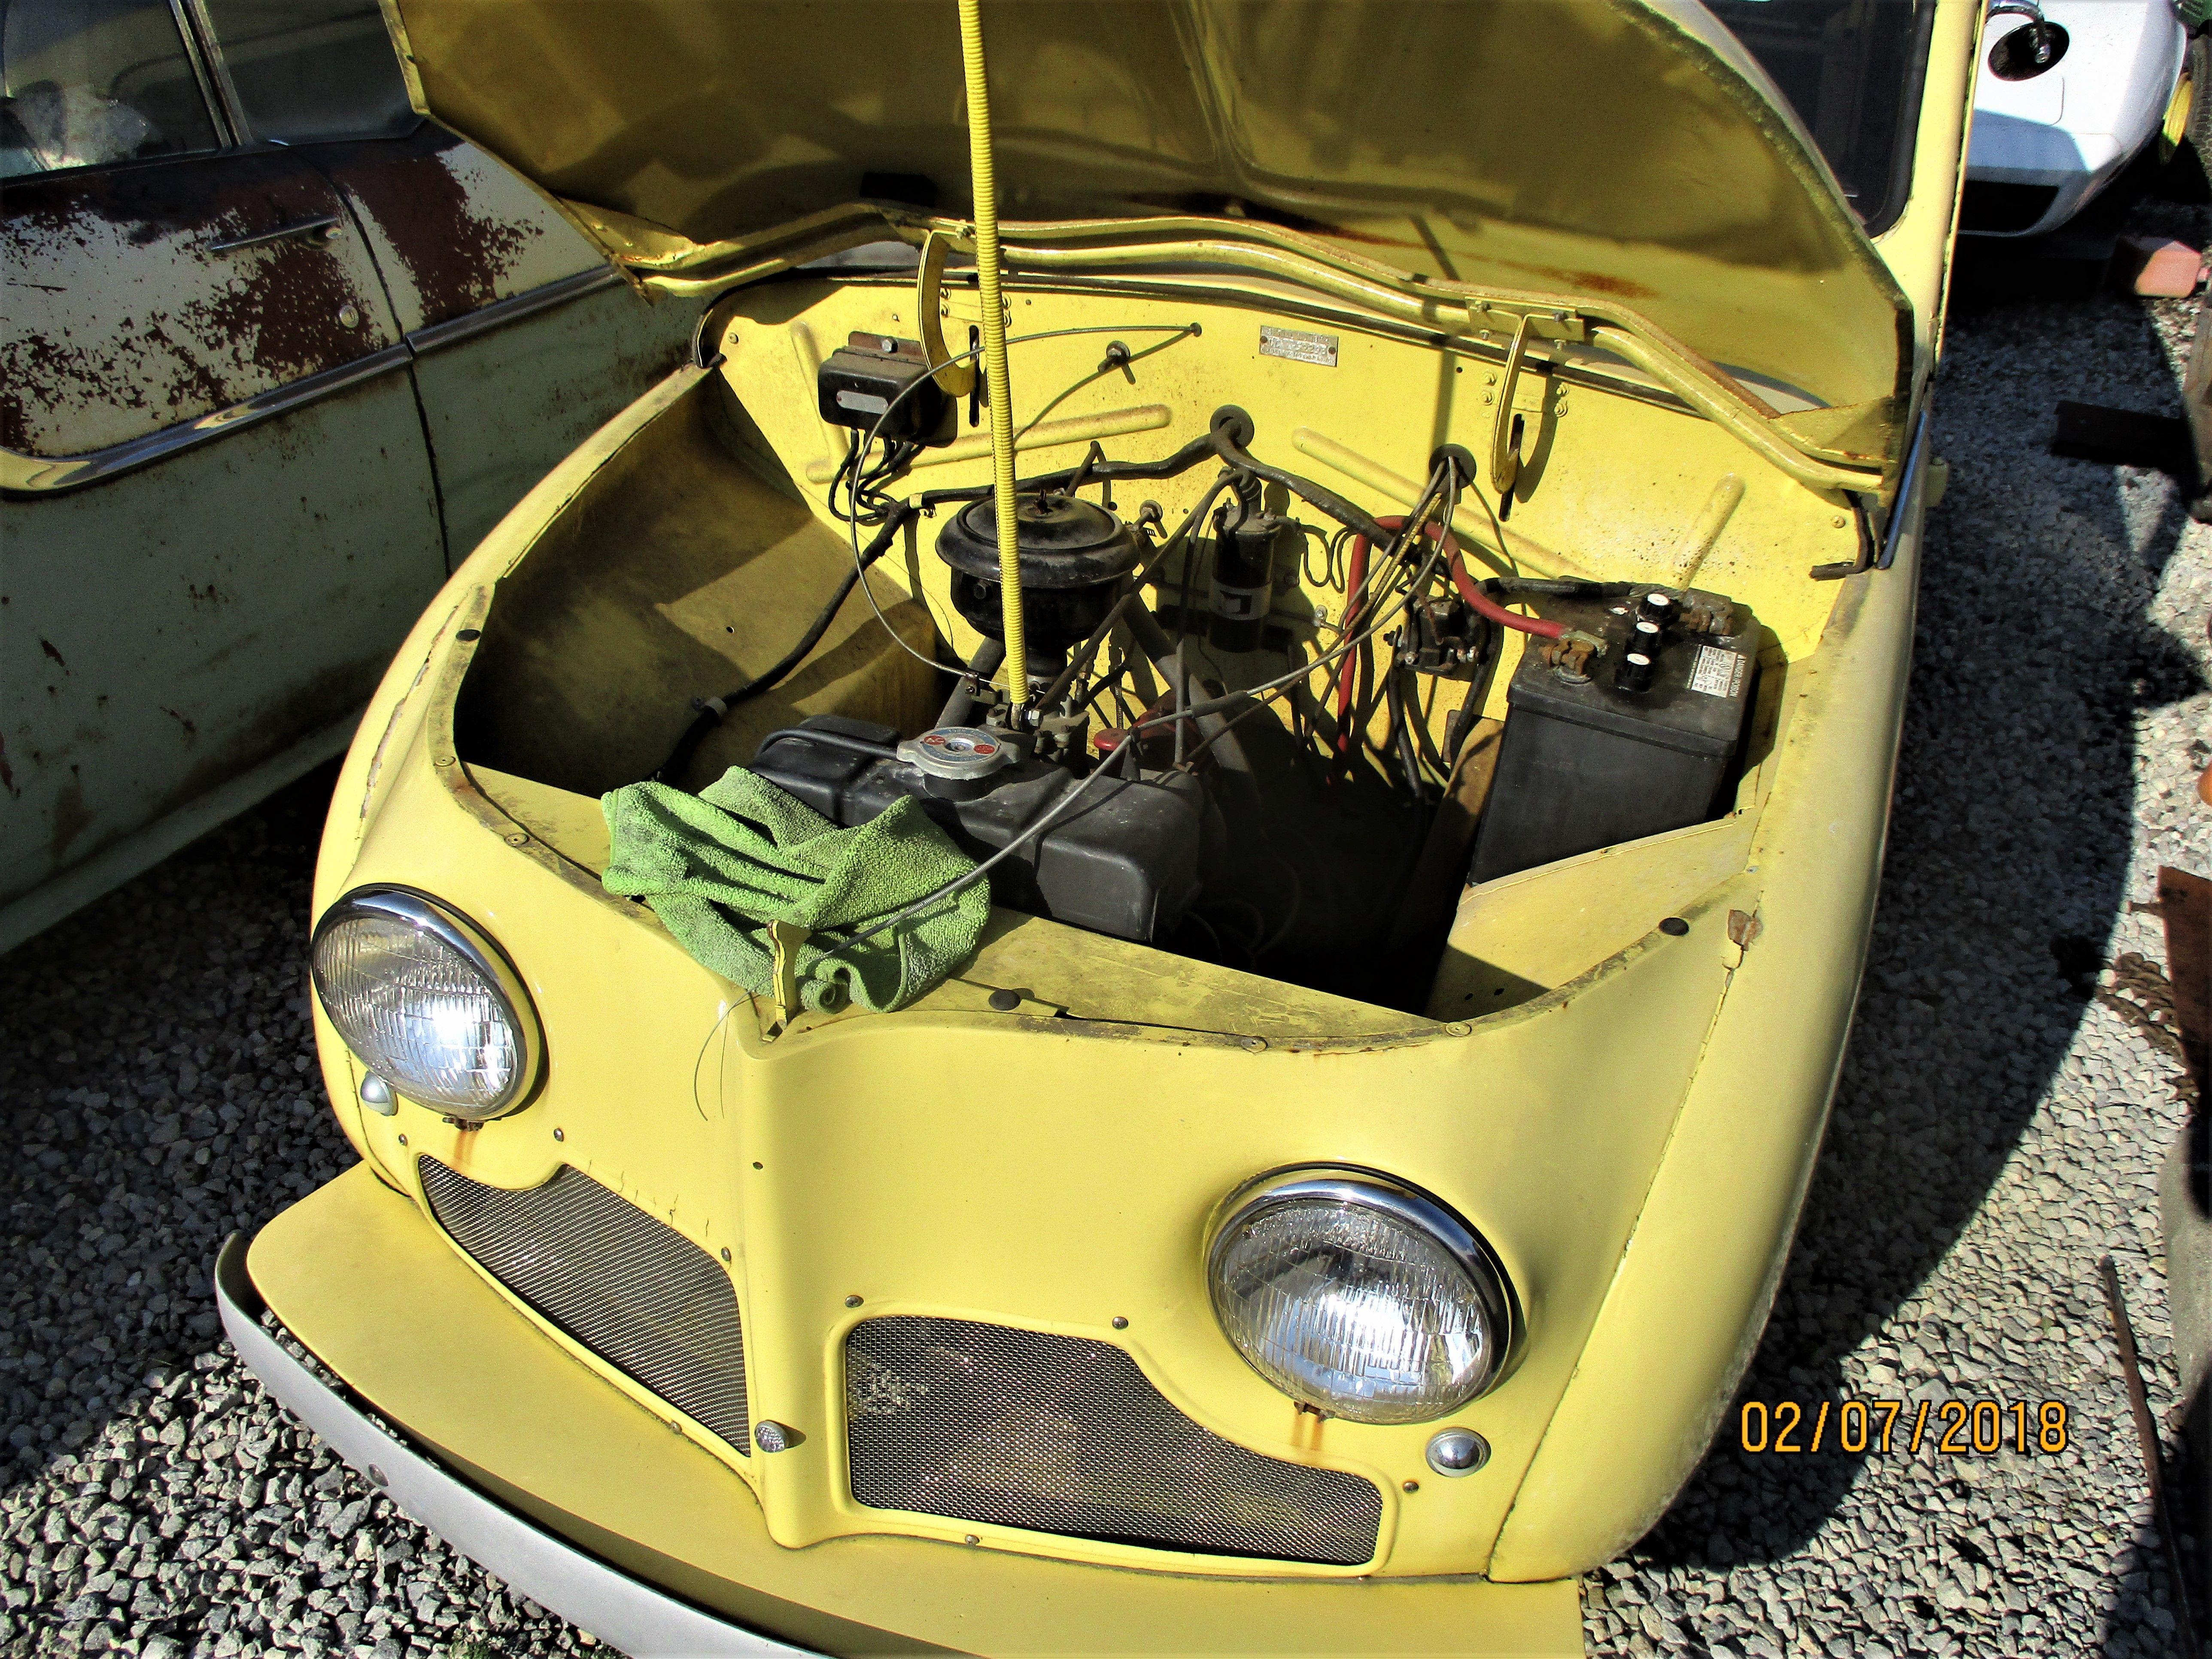 1952 Crosley station wagon with hood open. Photo taken